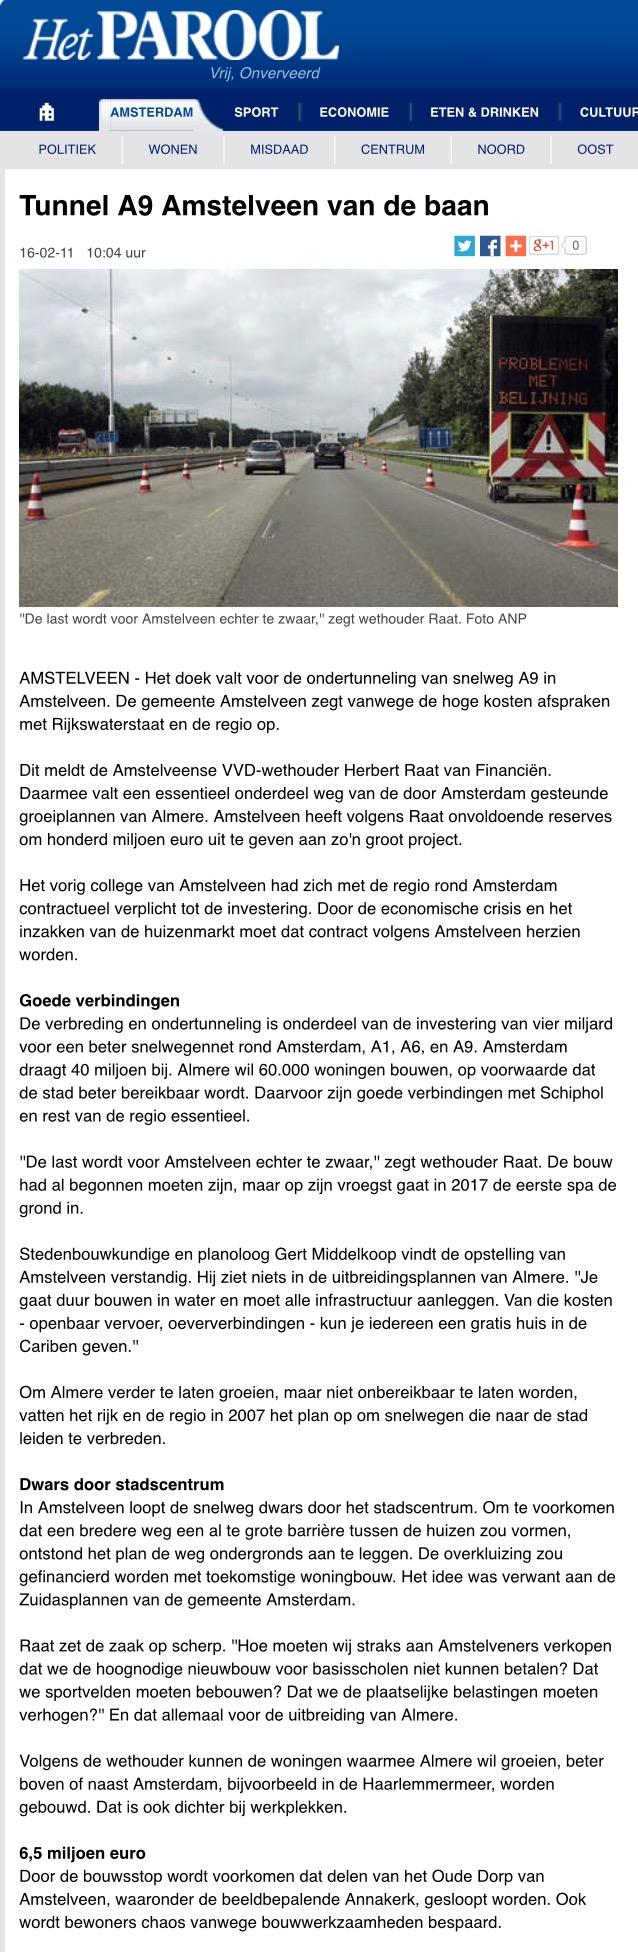 2011-16-2 Het Parool: wethouder Herbert Raat over tunnel A9 Amstelveen